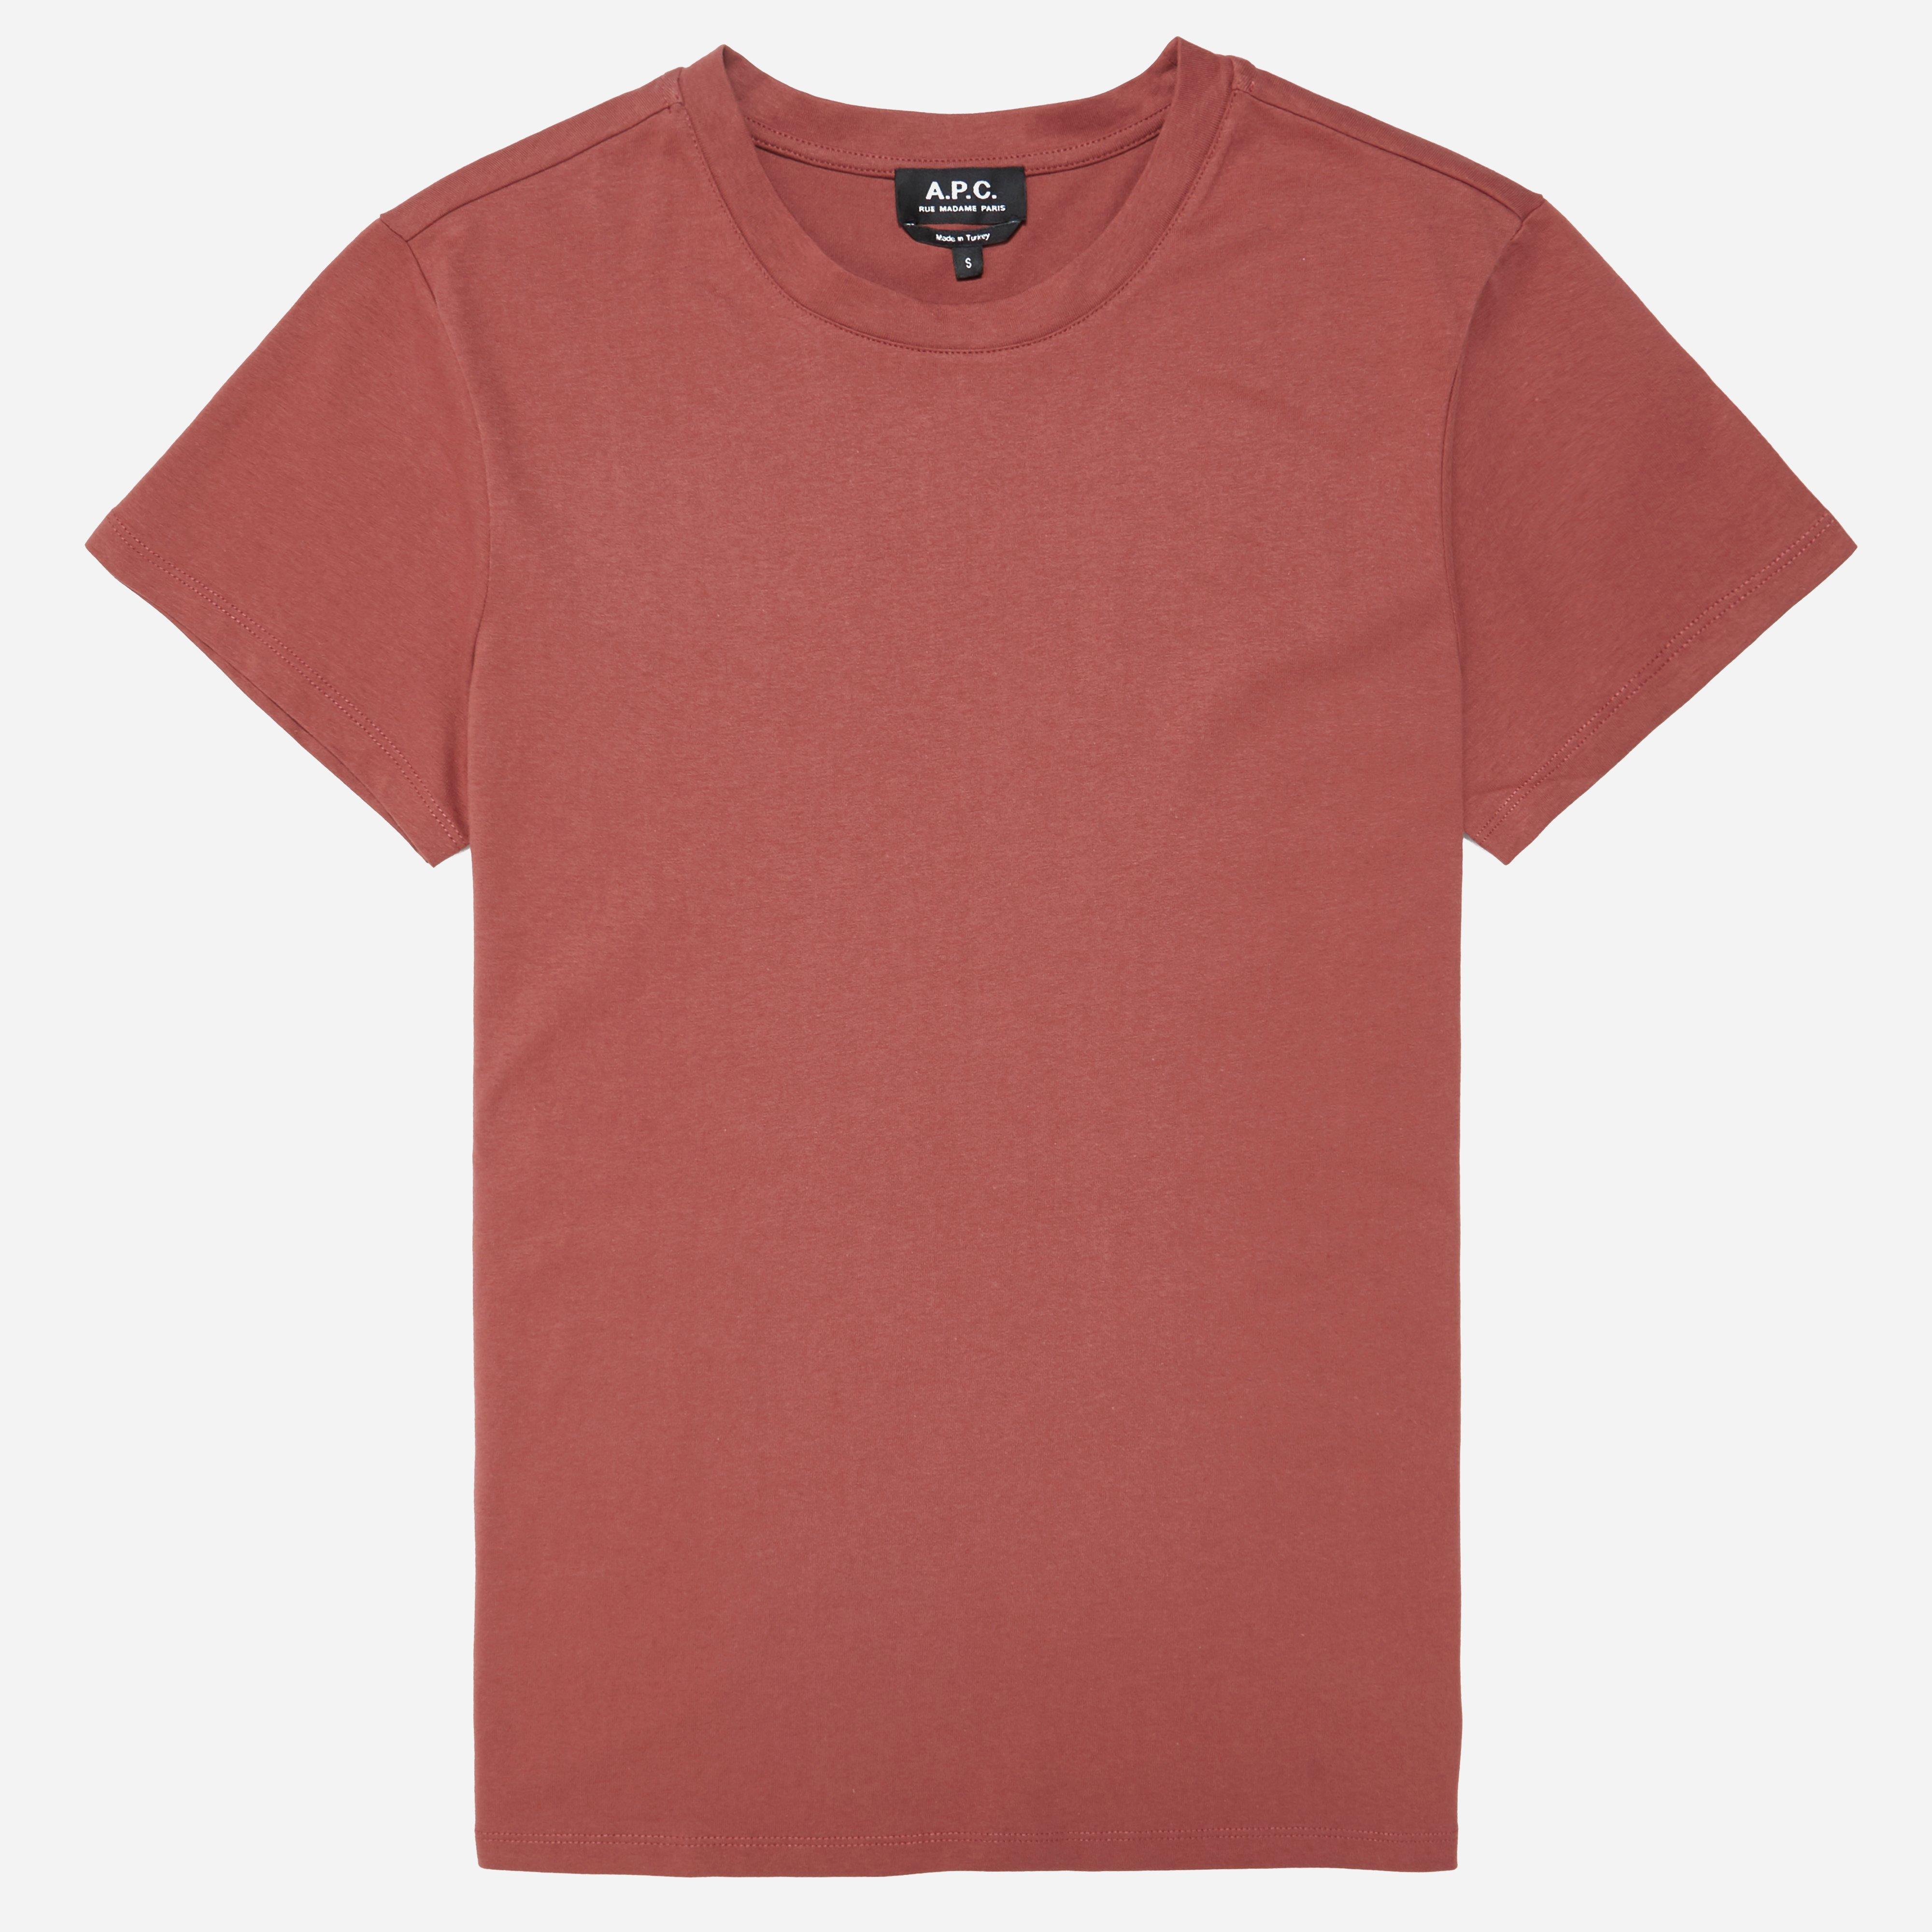 A.P.C Jimmy T-shirt